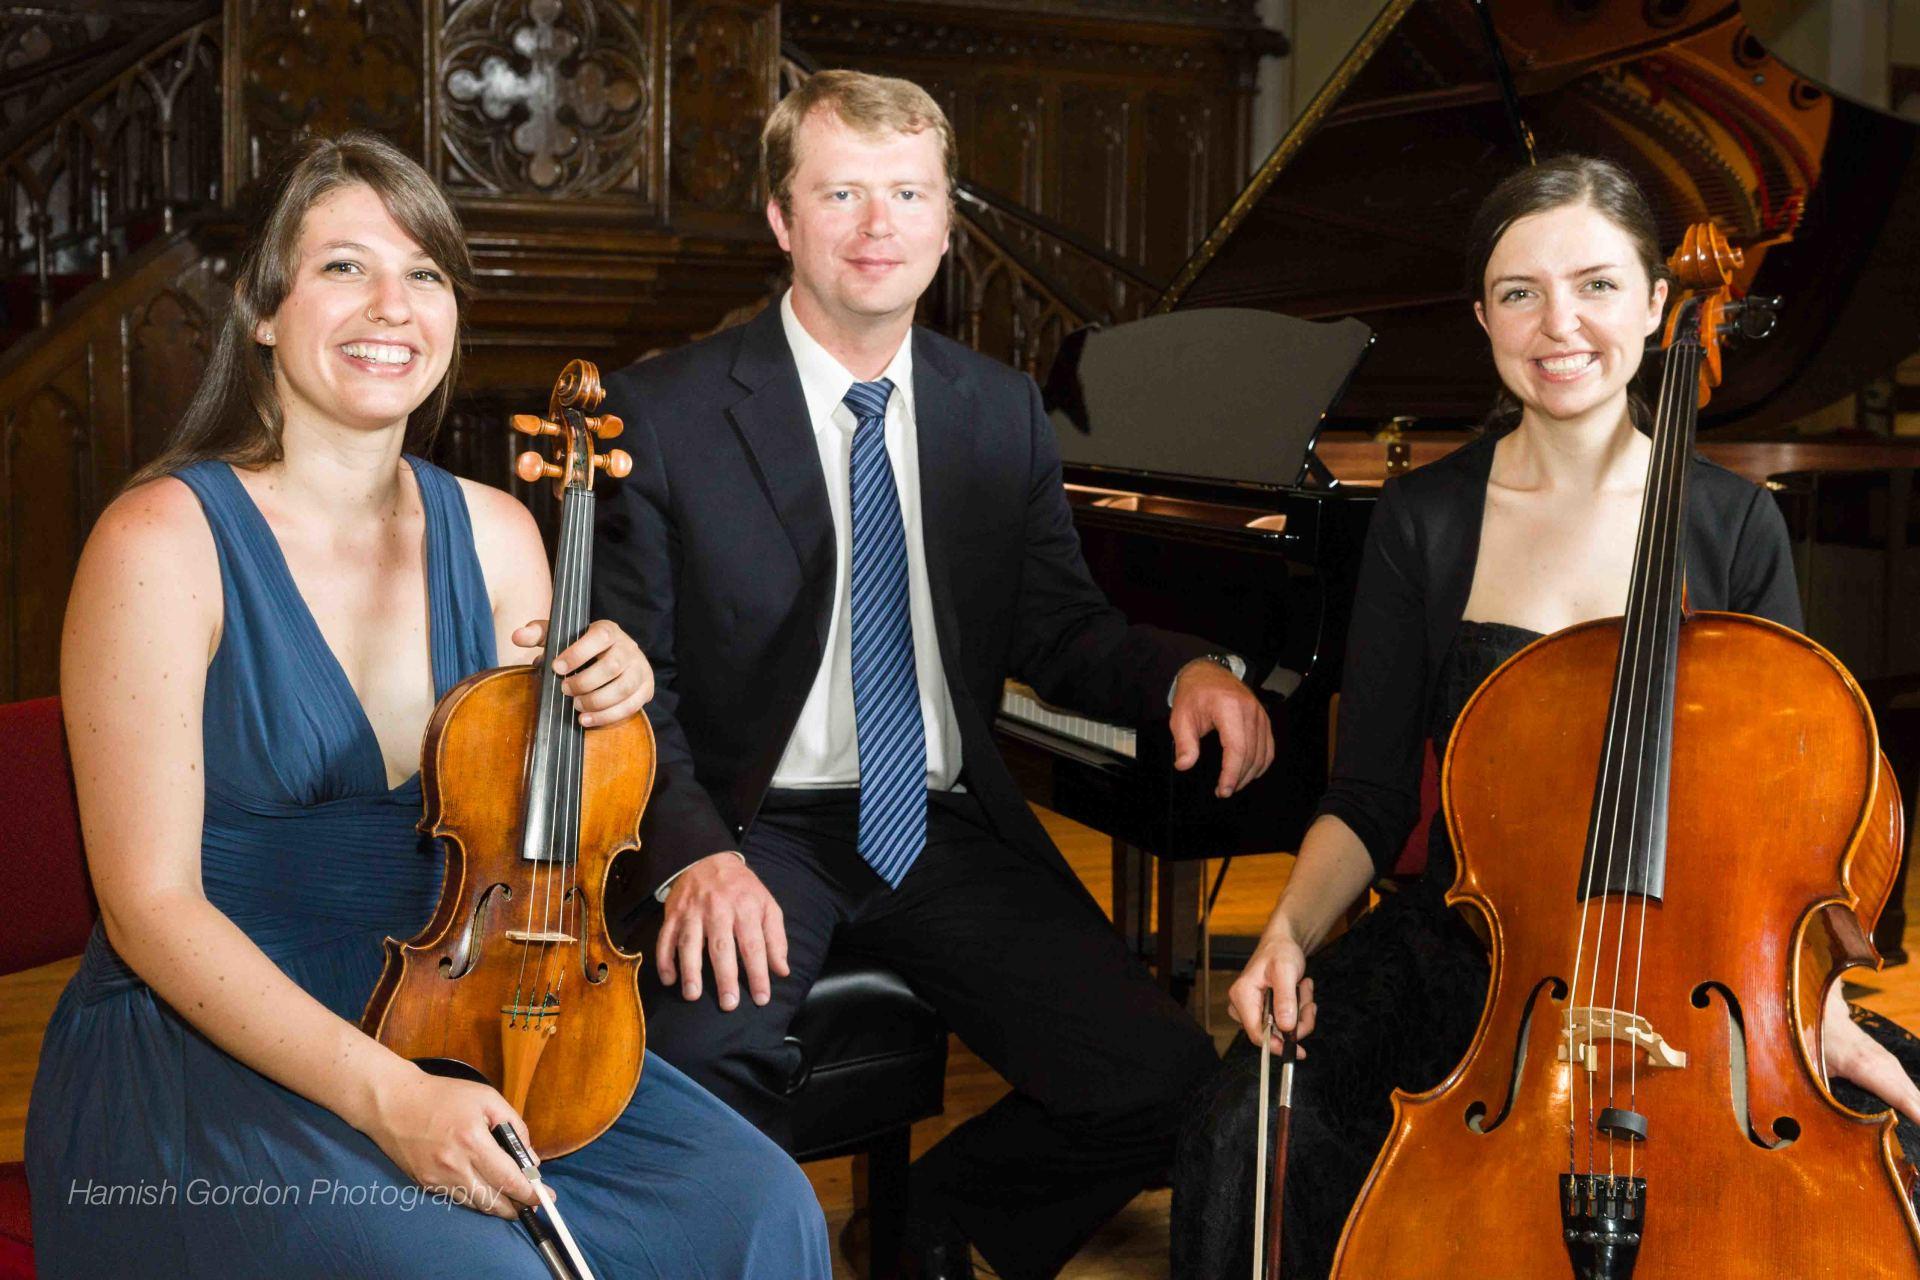 Cello Nova Scotia